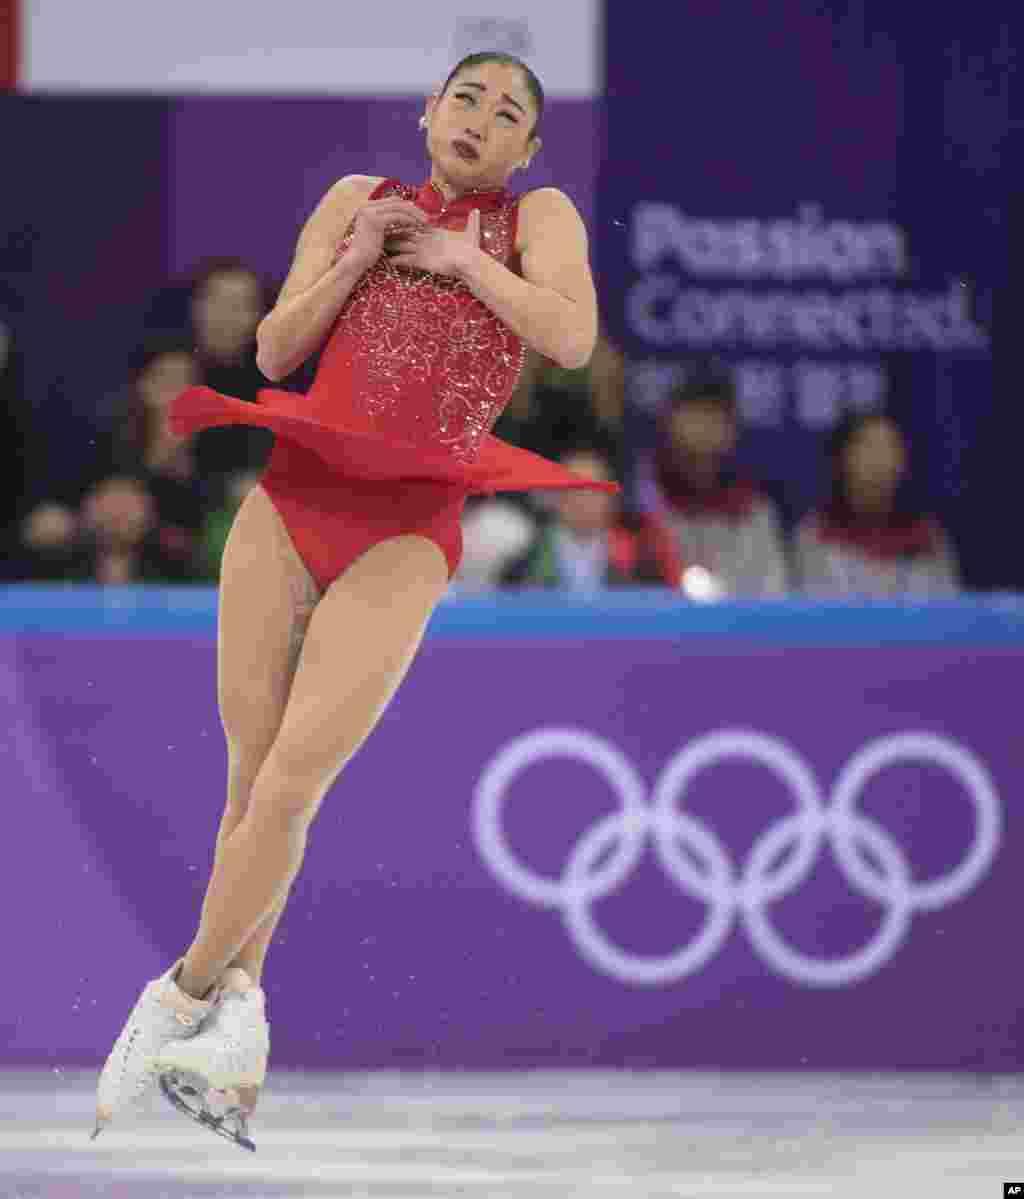 美國花樣滑冰運動員長洲未來(Mirai Nagasu)參加2018年平昌冬奧會的女子花樣滑冰比賽。她獲得銀牌。 (2018年2月12日)